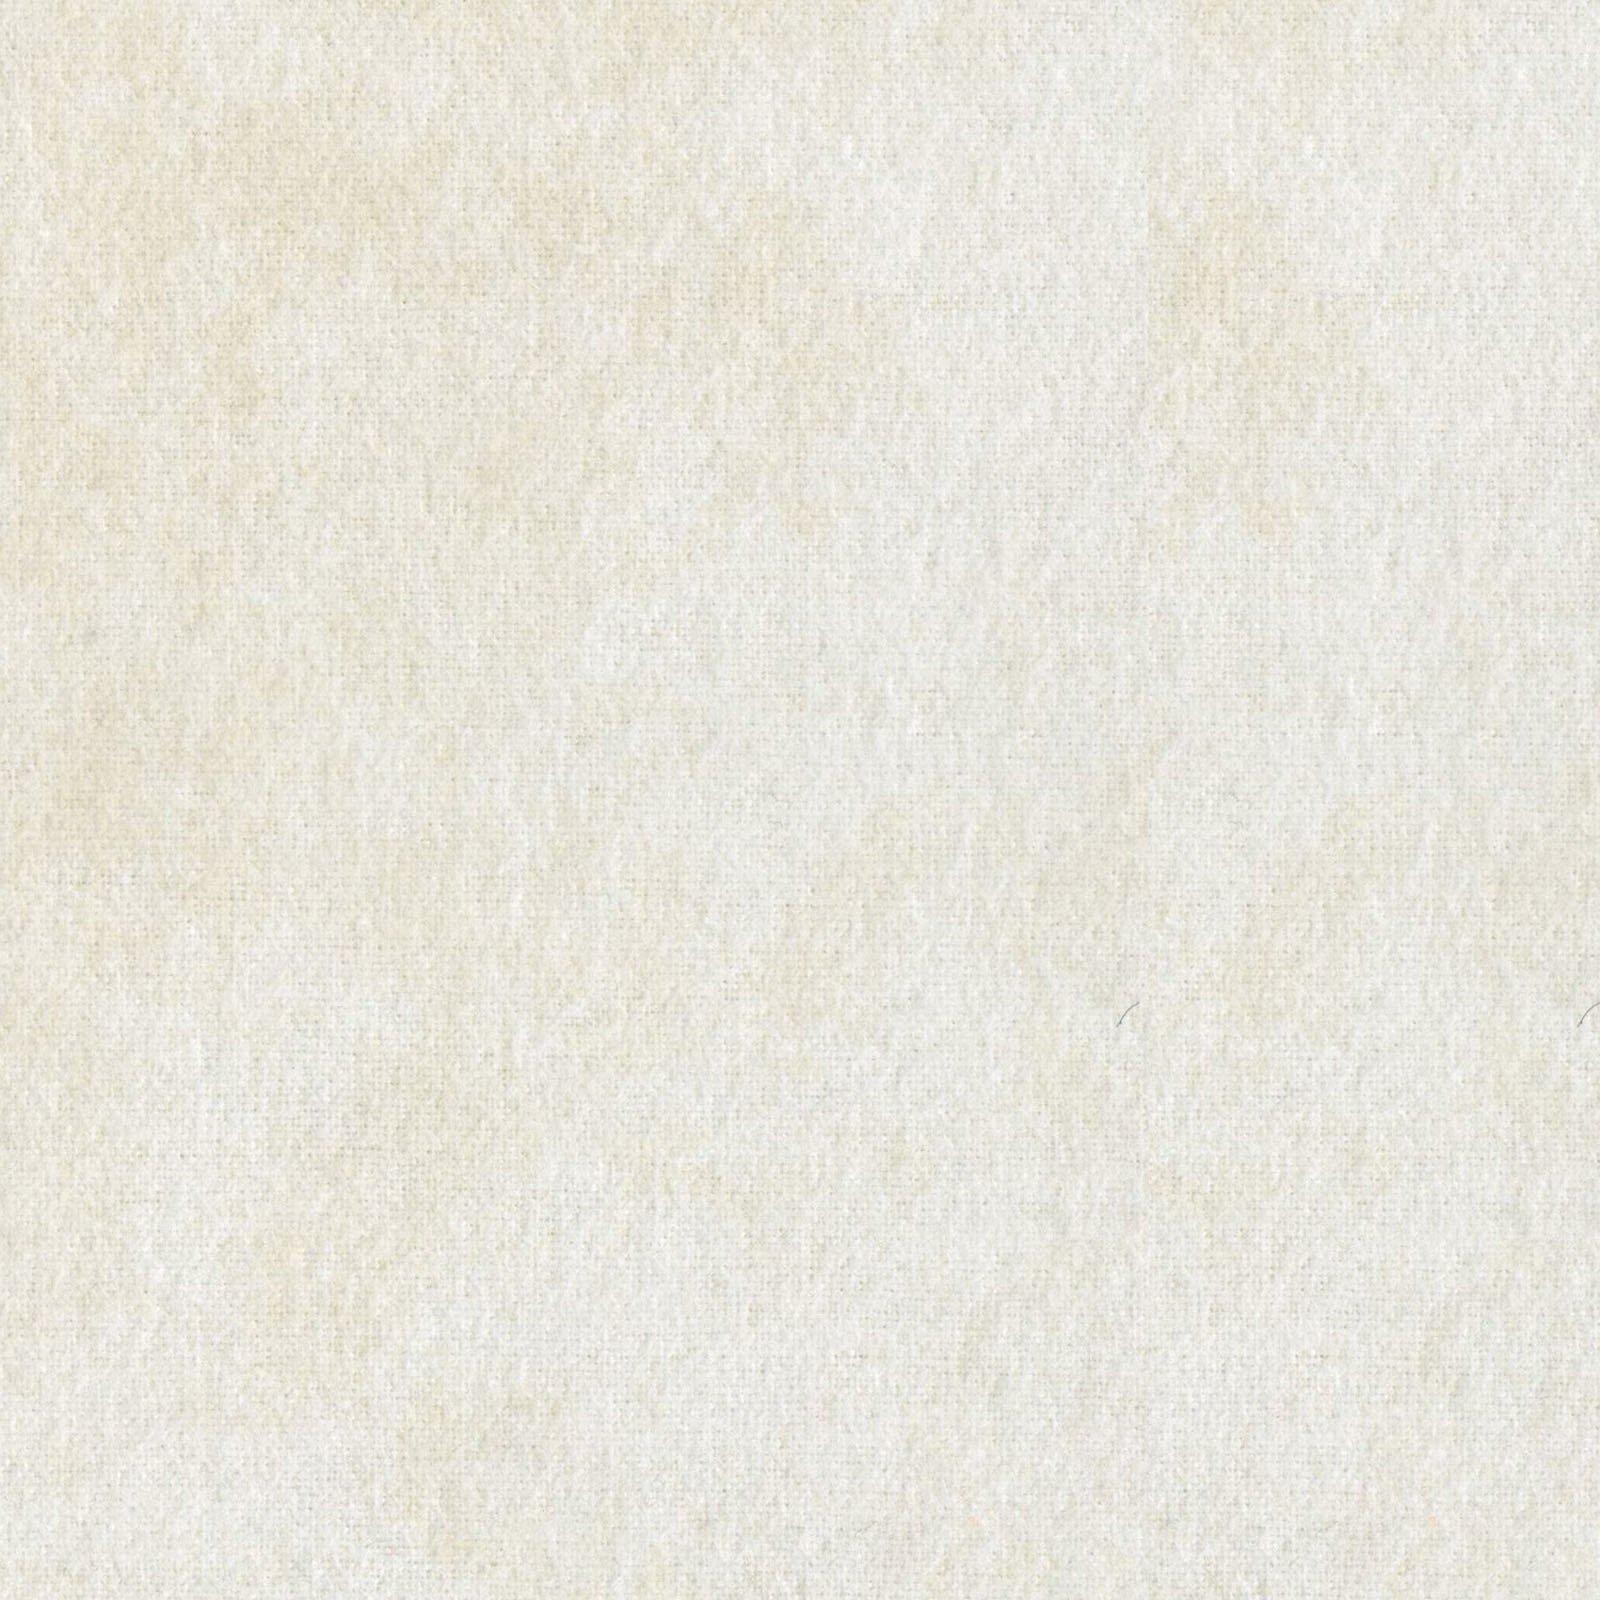 Shadow Play Flannel - MASF513-W2